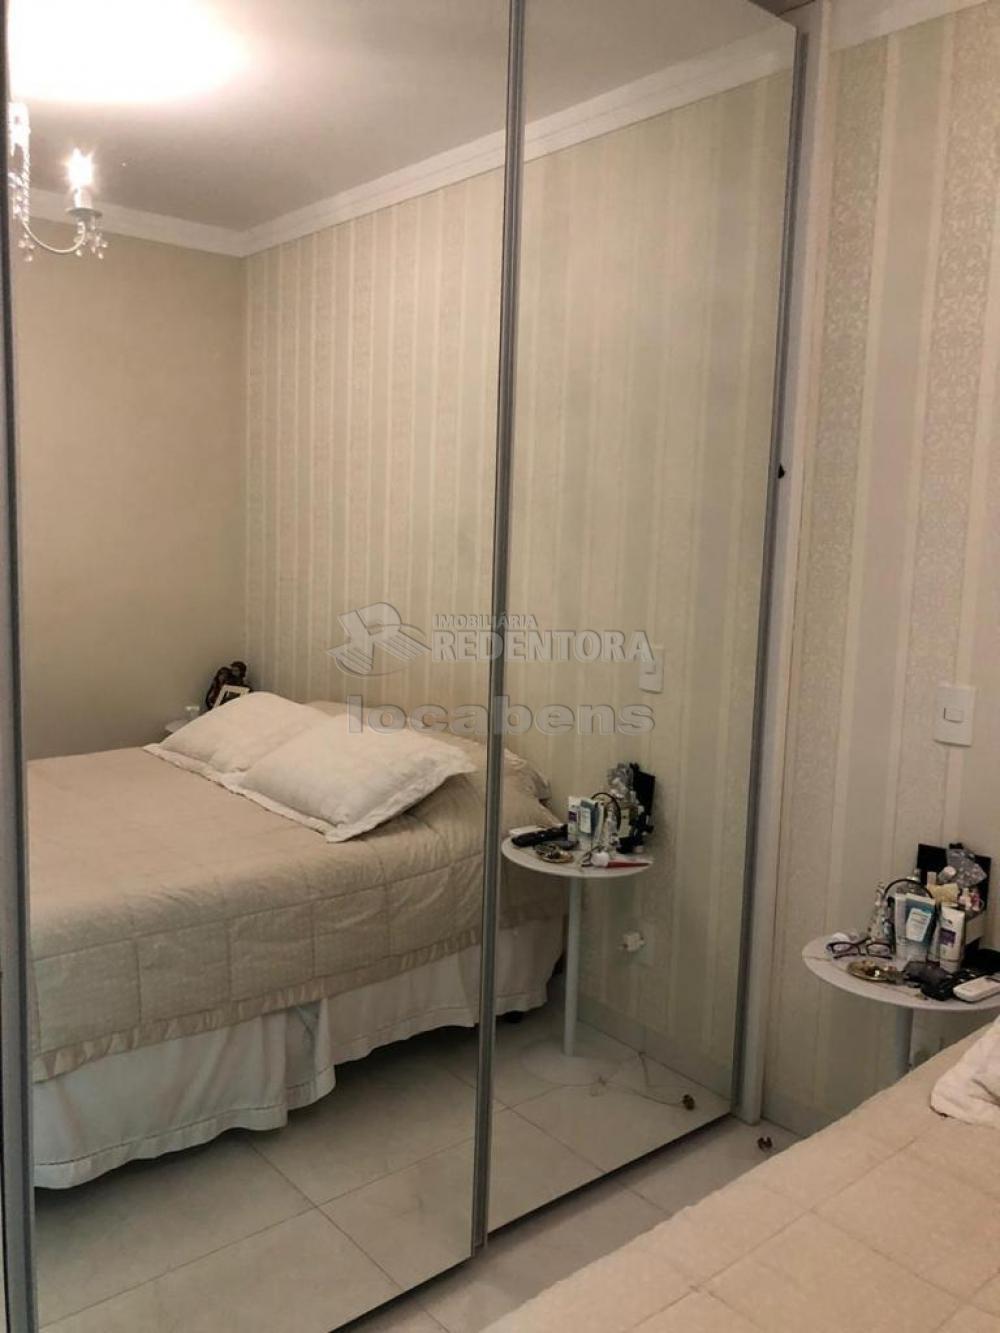 Comprar Apartamento / Padrão em São José do Rio Preto apenas R$ 475.000,00 - Foto 15